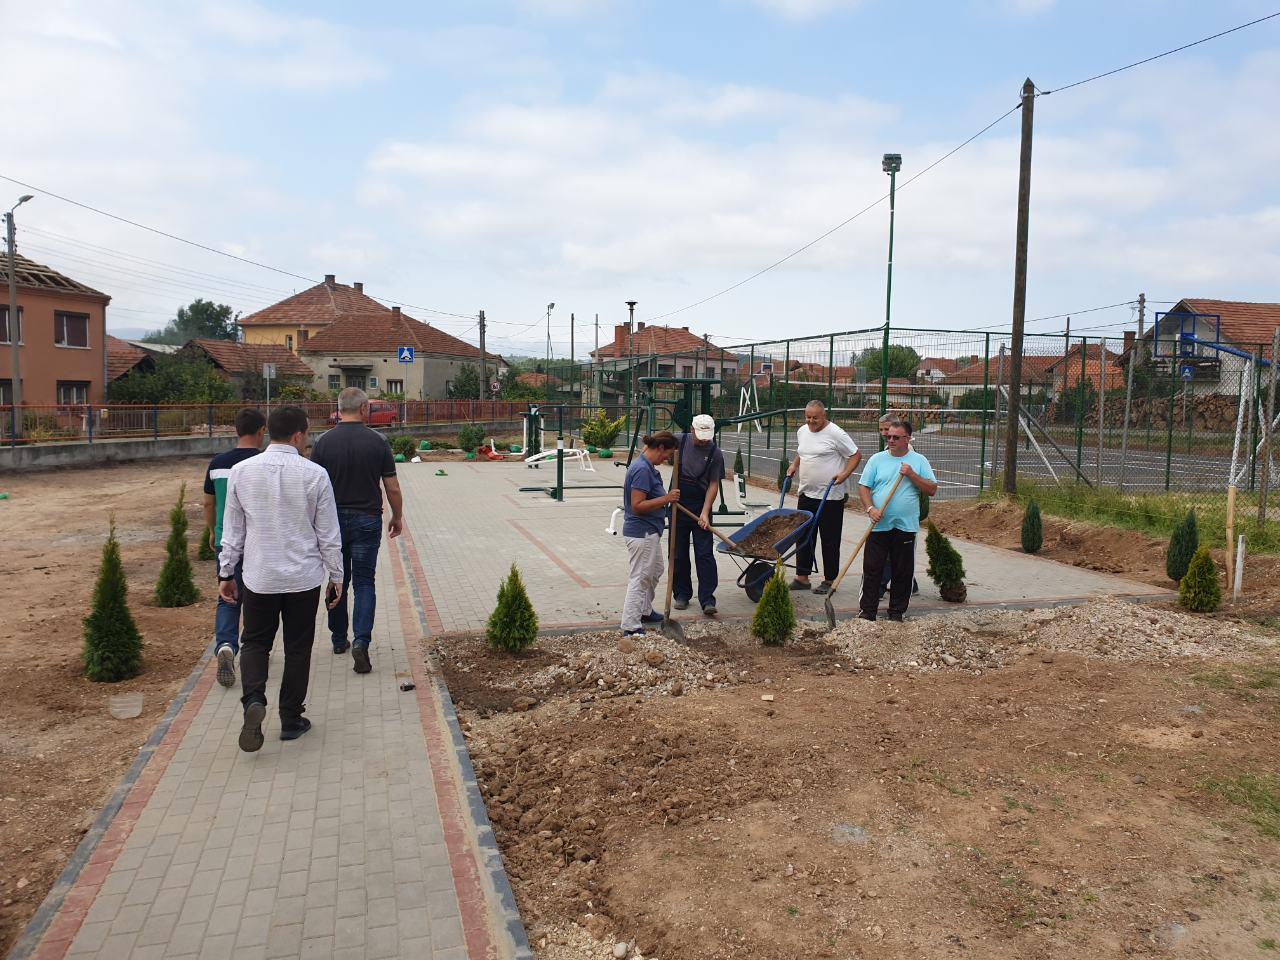 """Nova fasada, sportsko igralište, teretana na otvorenom i park u Osnovnoj školi ,,Dubrava"""""""